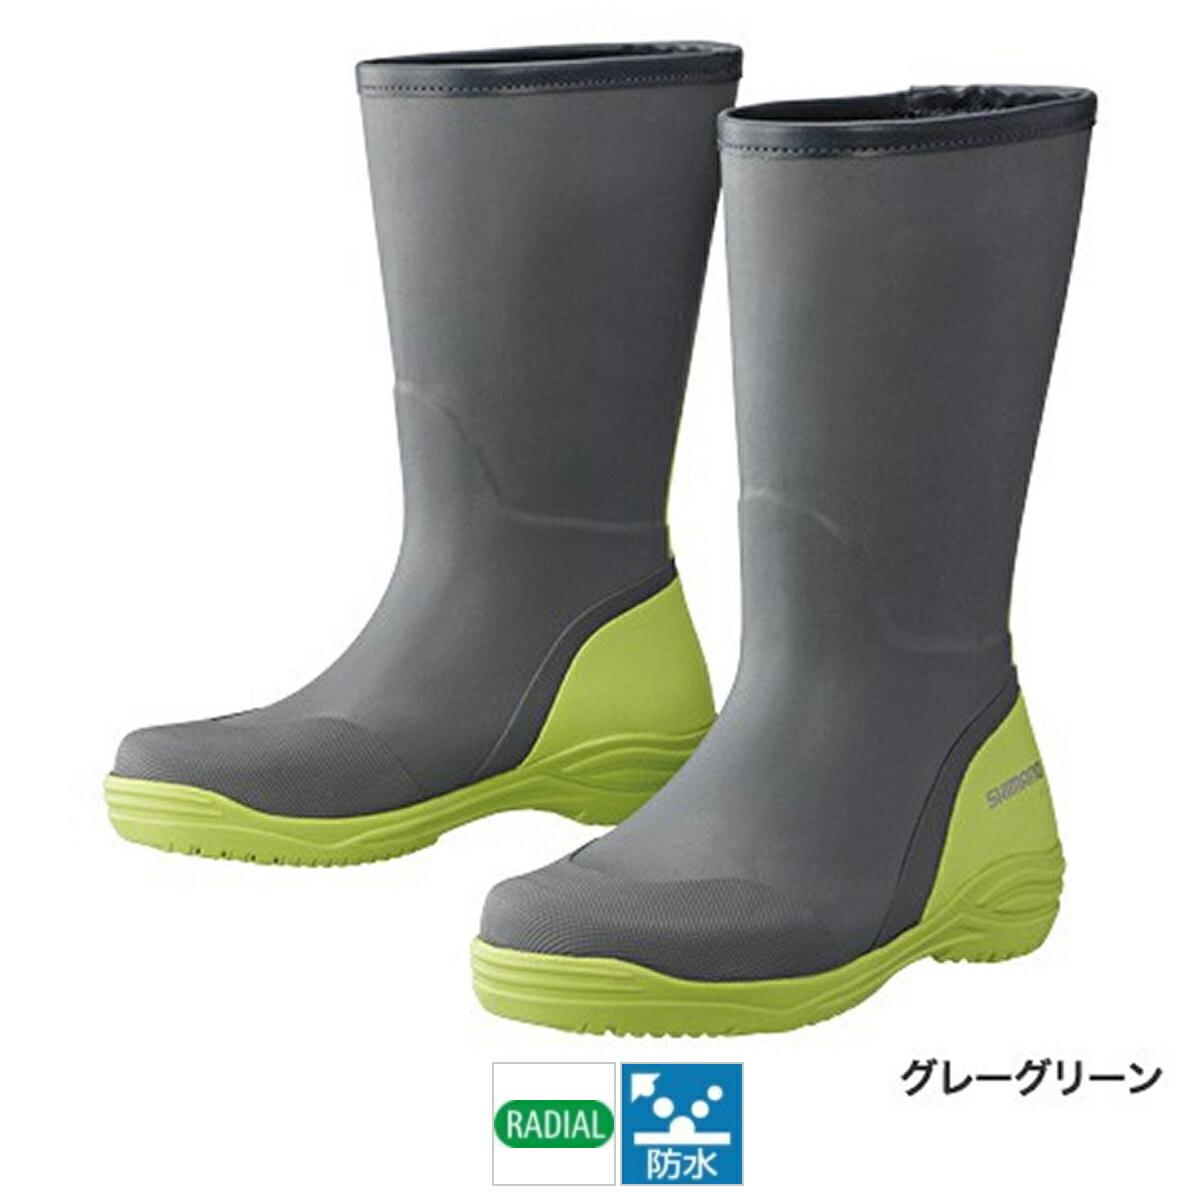 シマノ ラジアルブーツ FB-015P L グレーグリーン